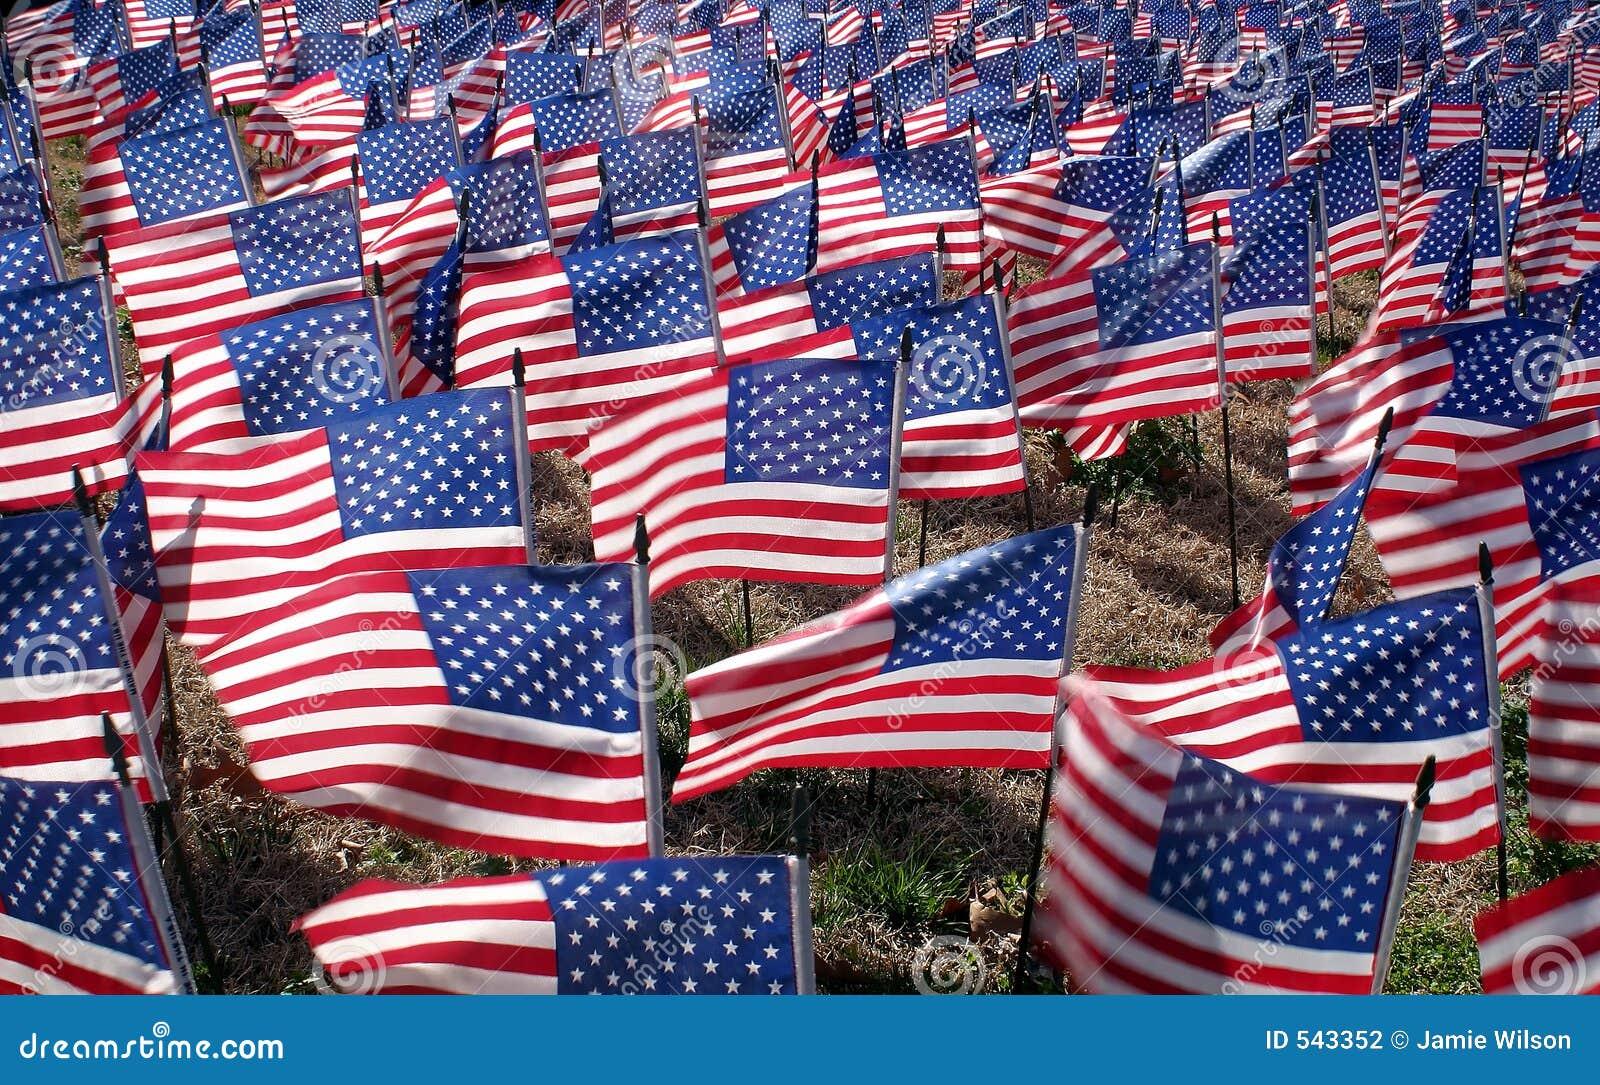 Download 美国国旗 库存照片. 图片 包括有 严格, 骄傲, 颜色, 国家(地区), 杀害, 纪念, 语句, 进贡, 停止 - 543352